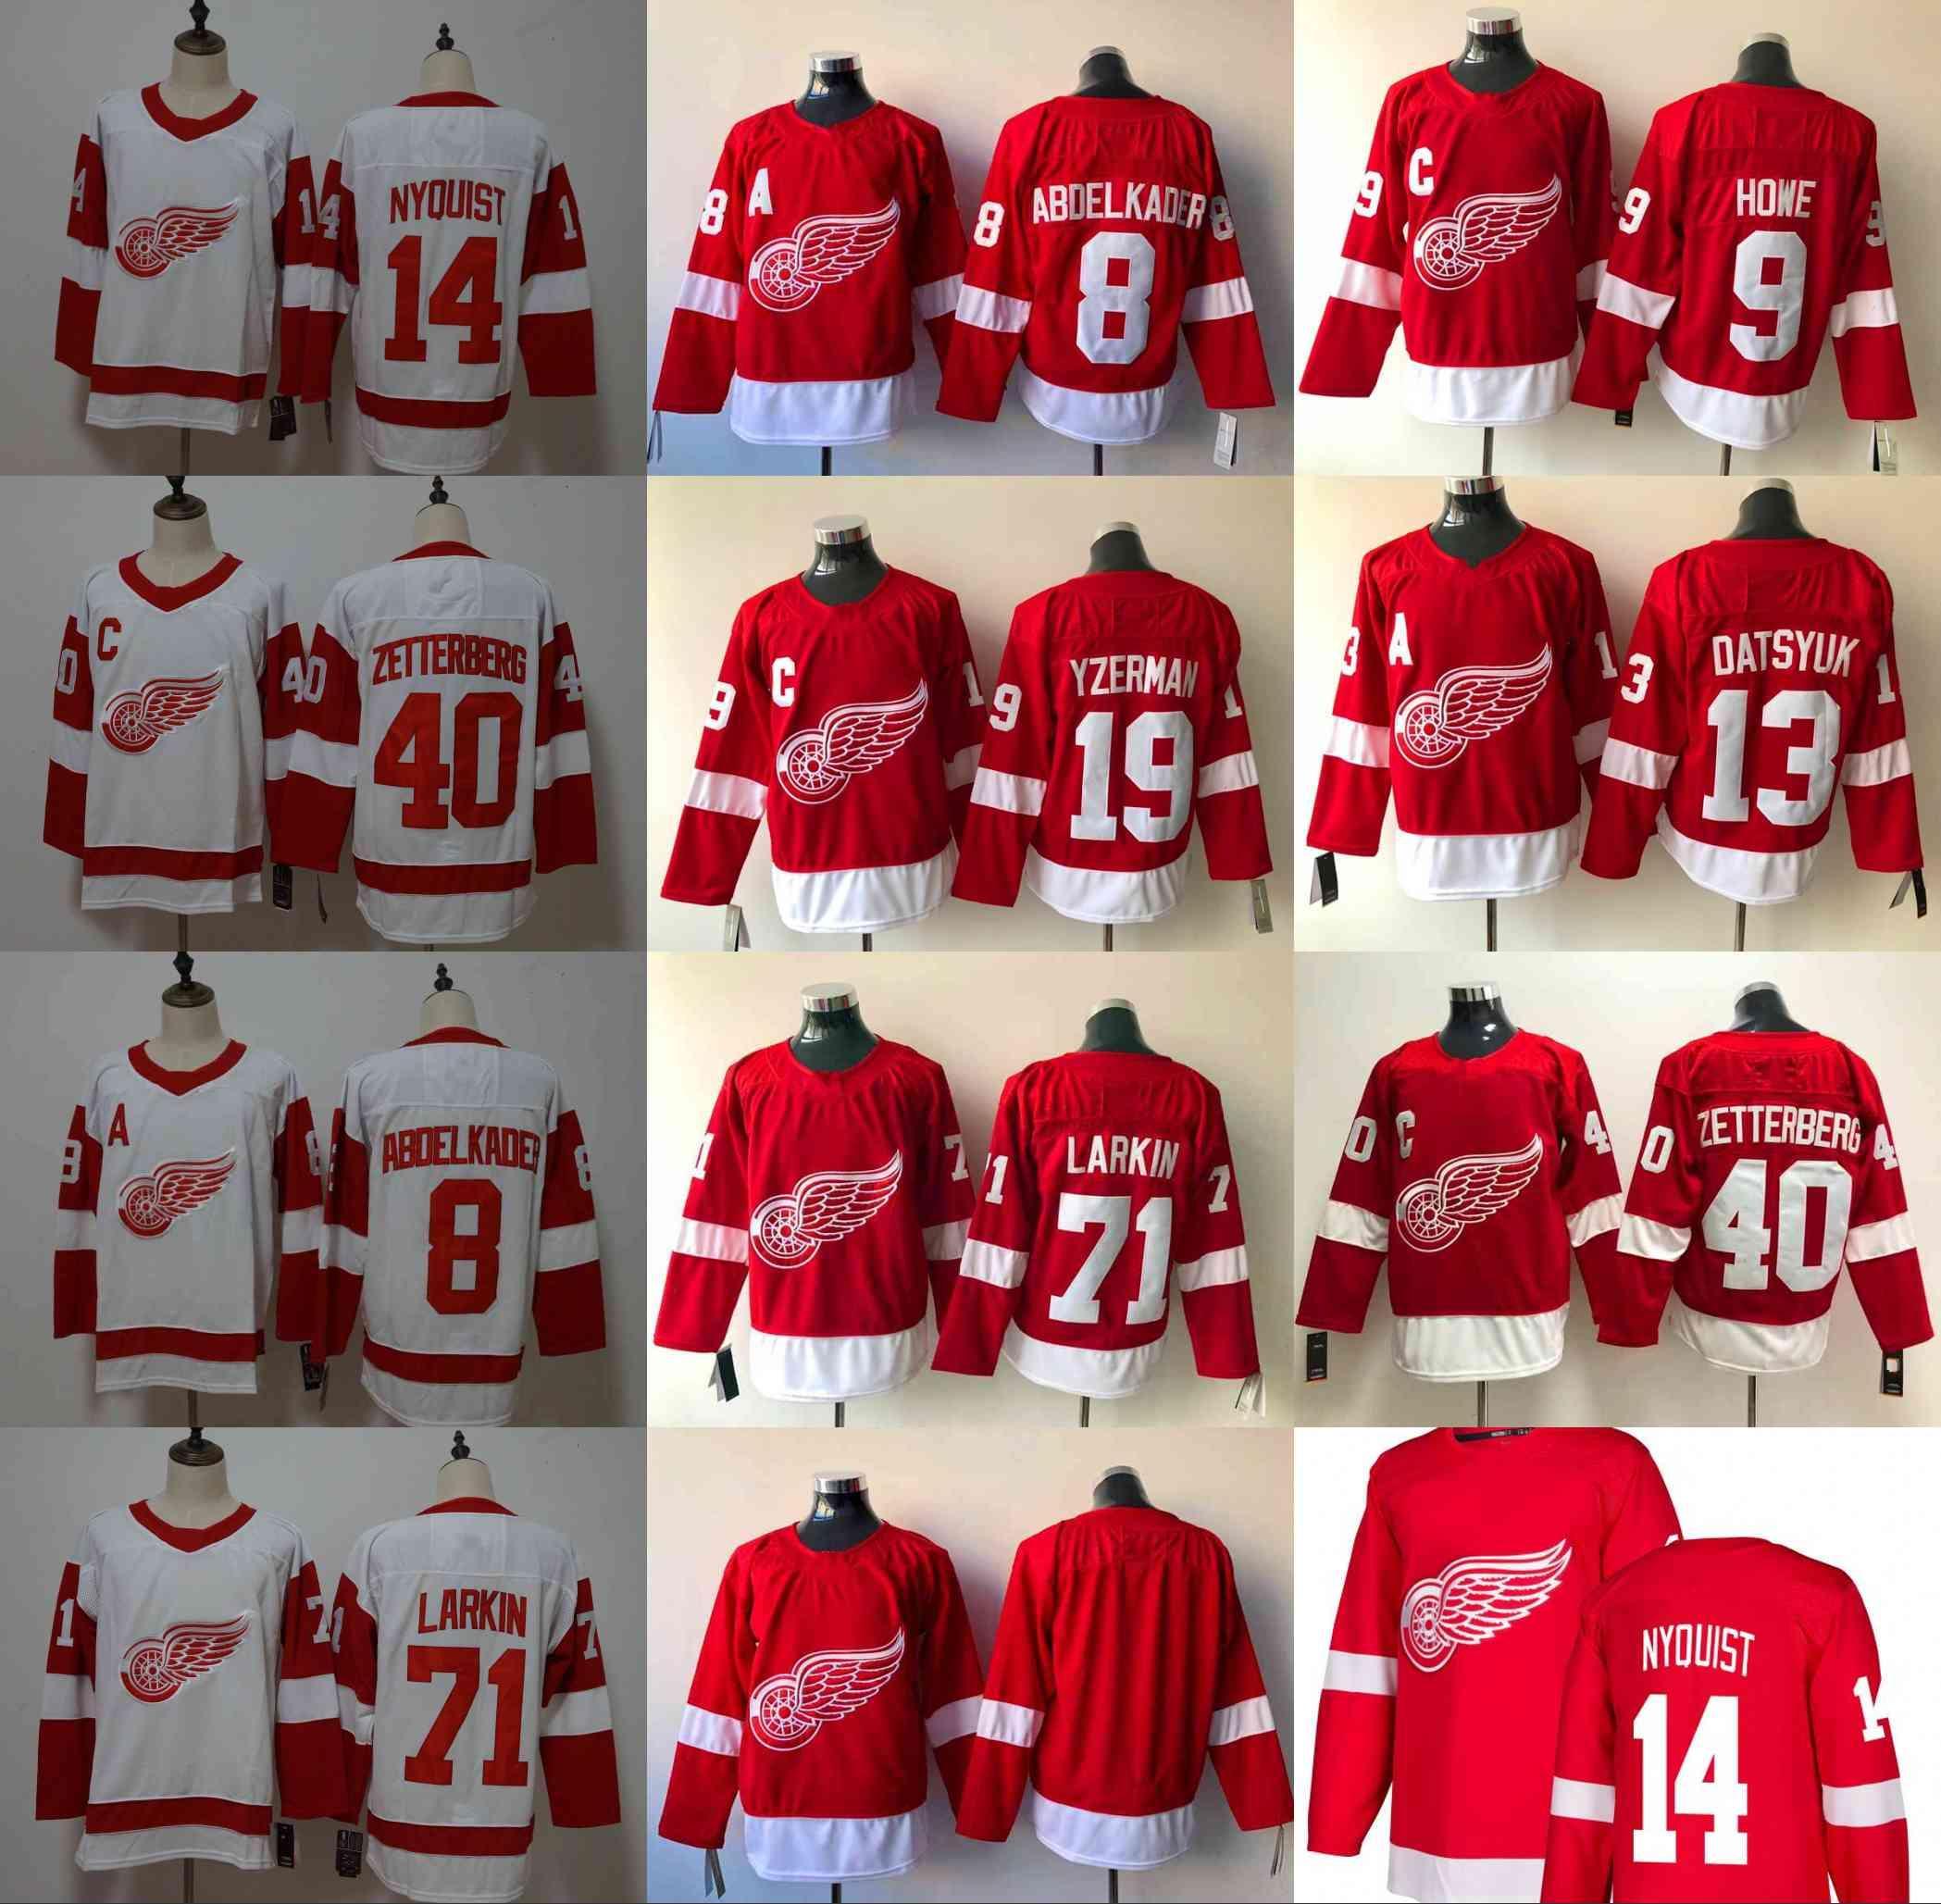 6a1950d4 2019 Detroit Red Wings 71 Dylan Larkin 8 Justin Abdelkader 9 Gordie Howe 40  Henrik Zetterberg 19 Steve Yzerman 13 Pavel Datsyuk Hockey Jersey From ...